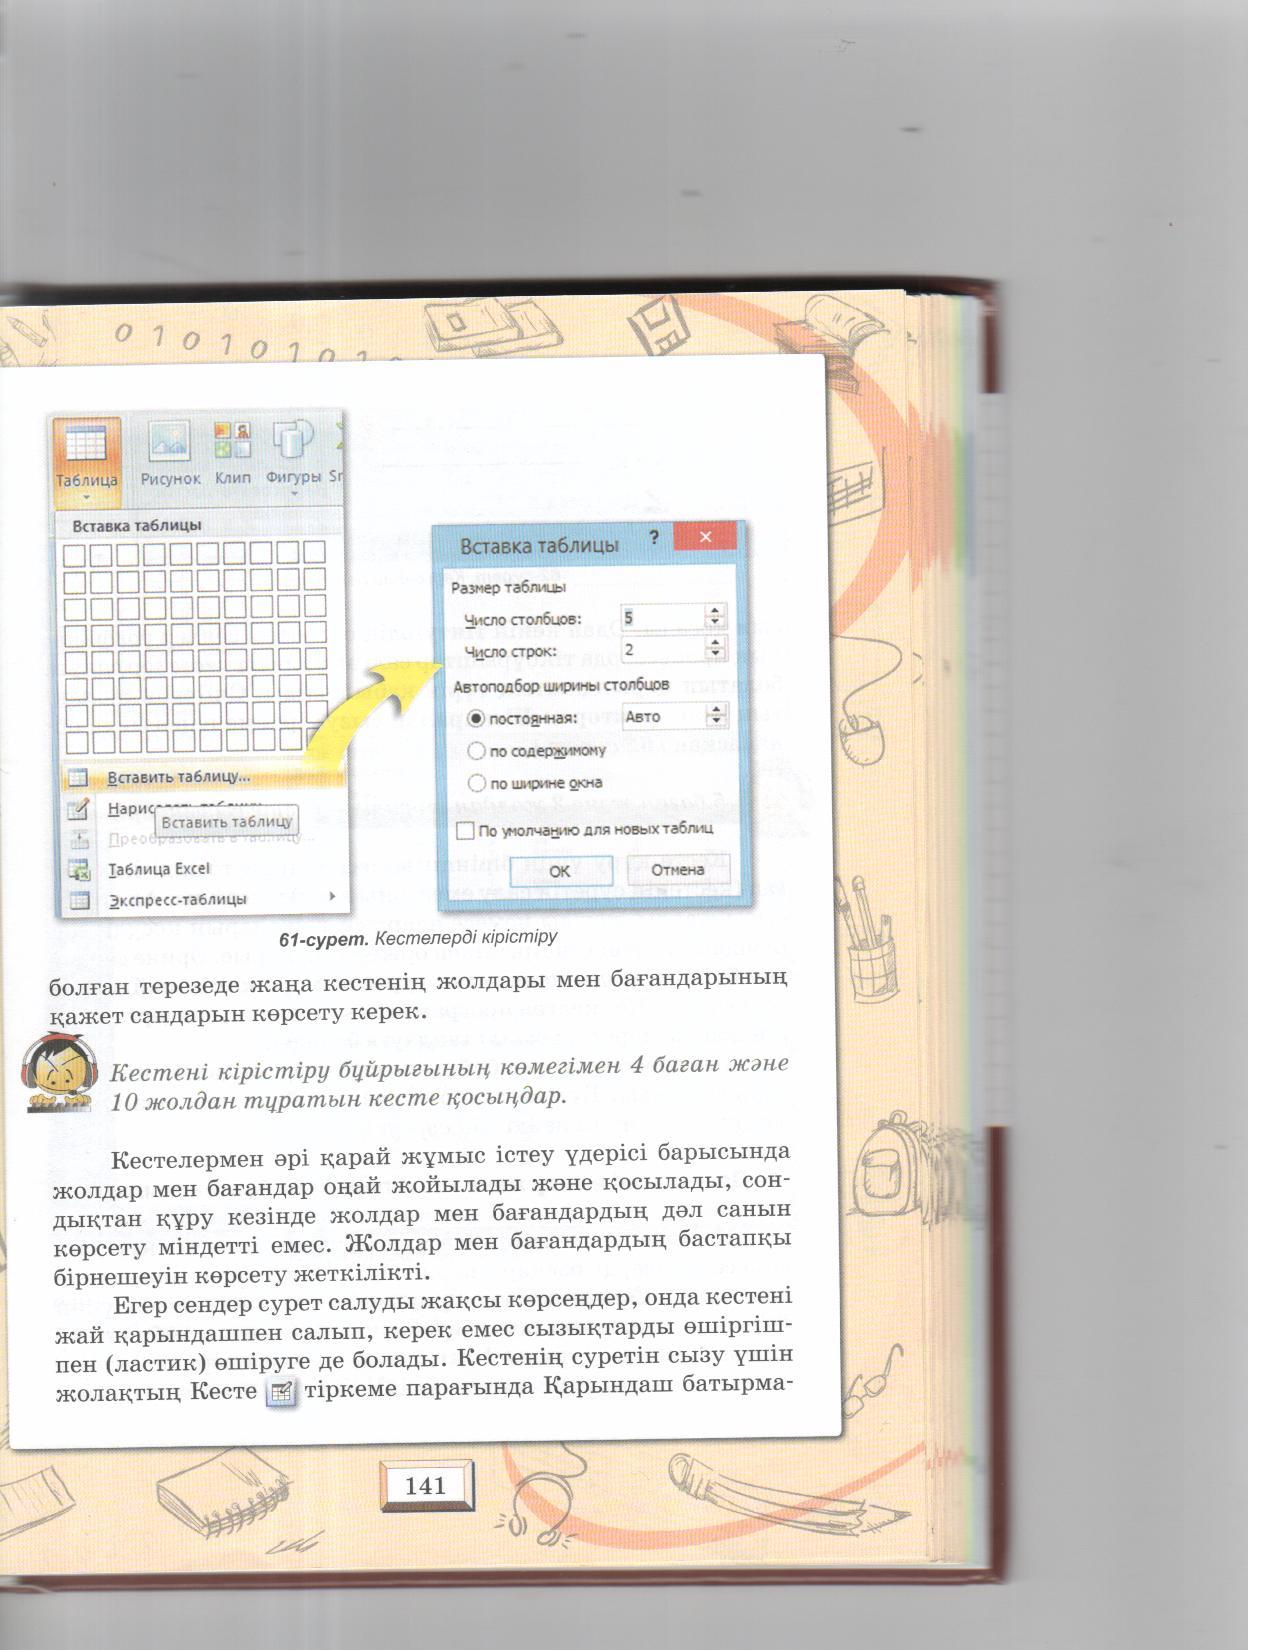 C:\Users\Admin\Desktop\Изображение 050.jpg